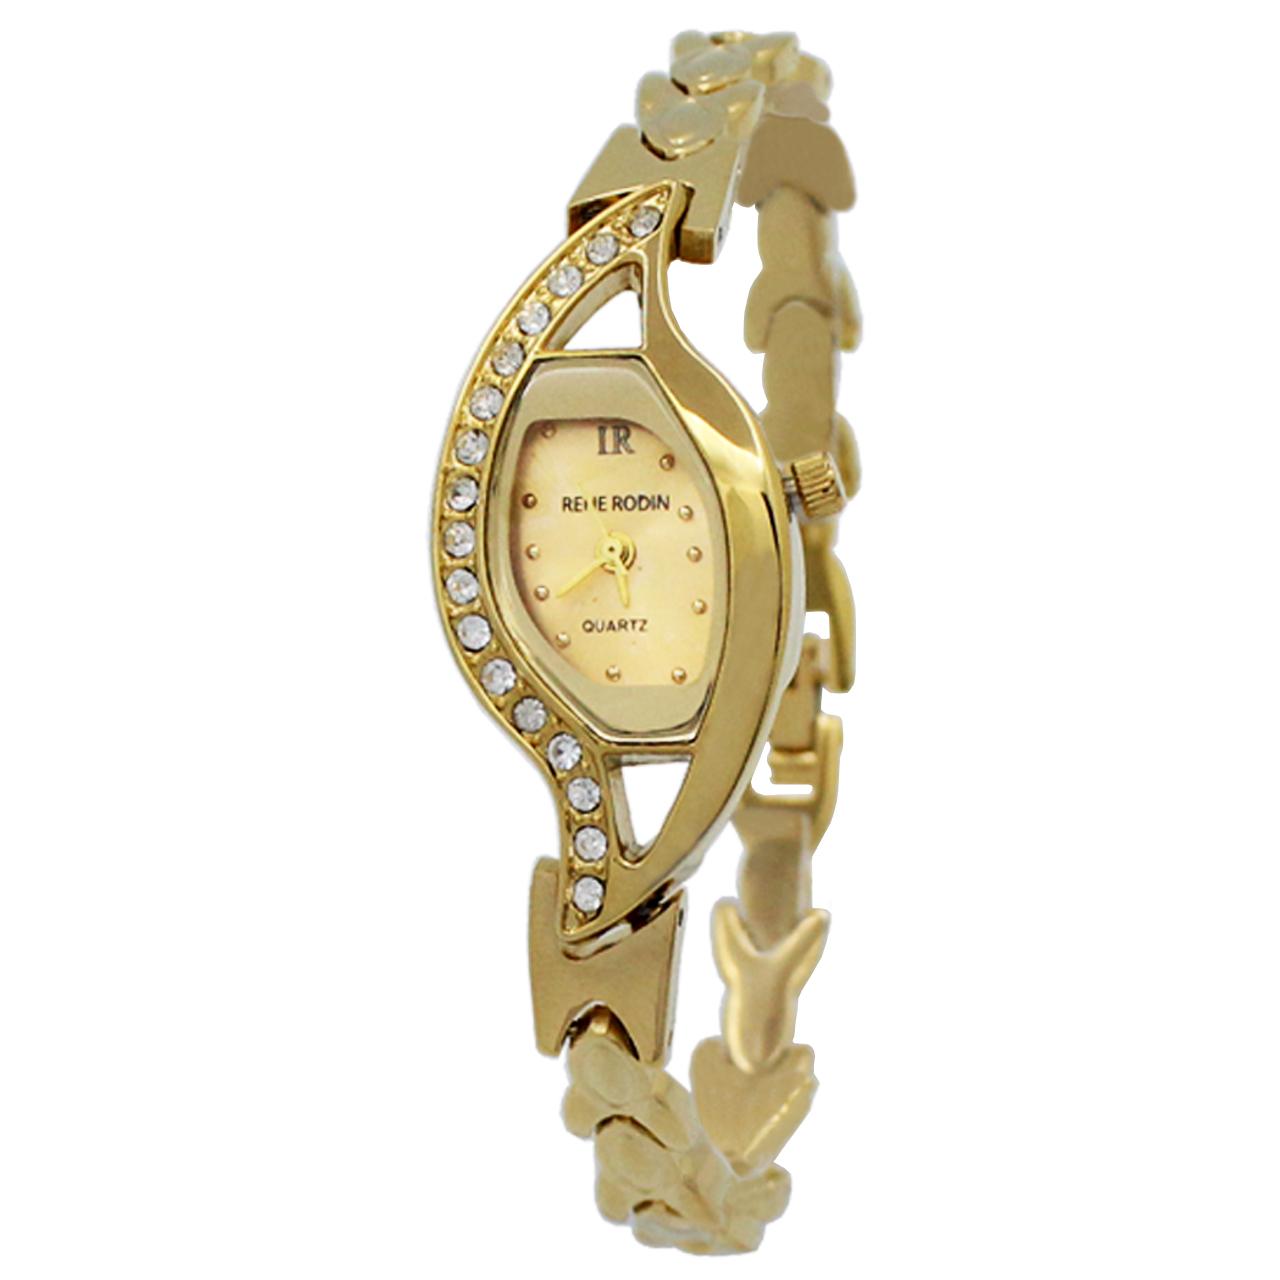 ساعت مچی عقربه ای زنانه رنه رودین مدل DGZU-0168 22